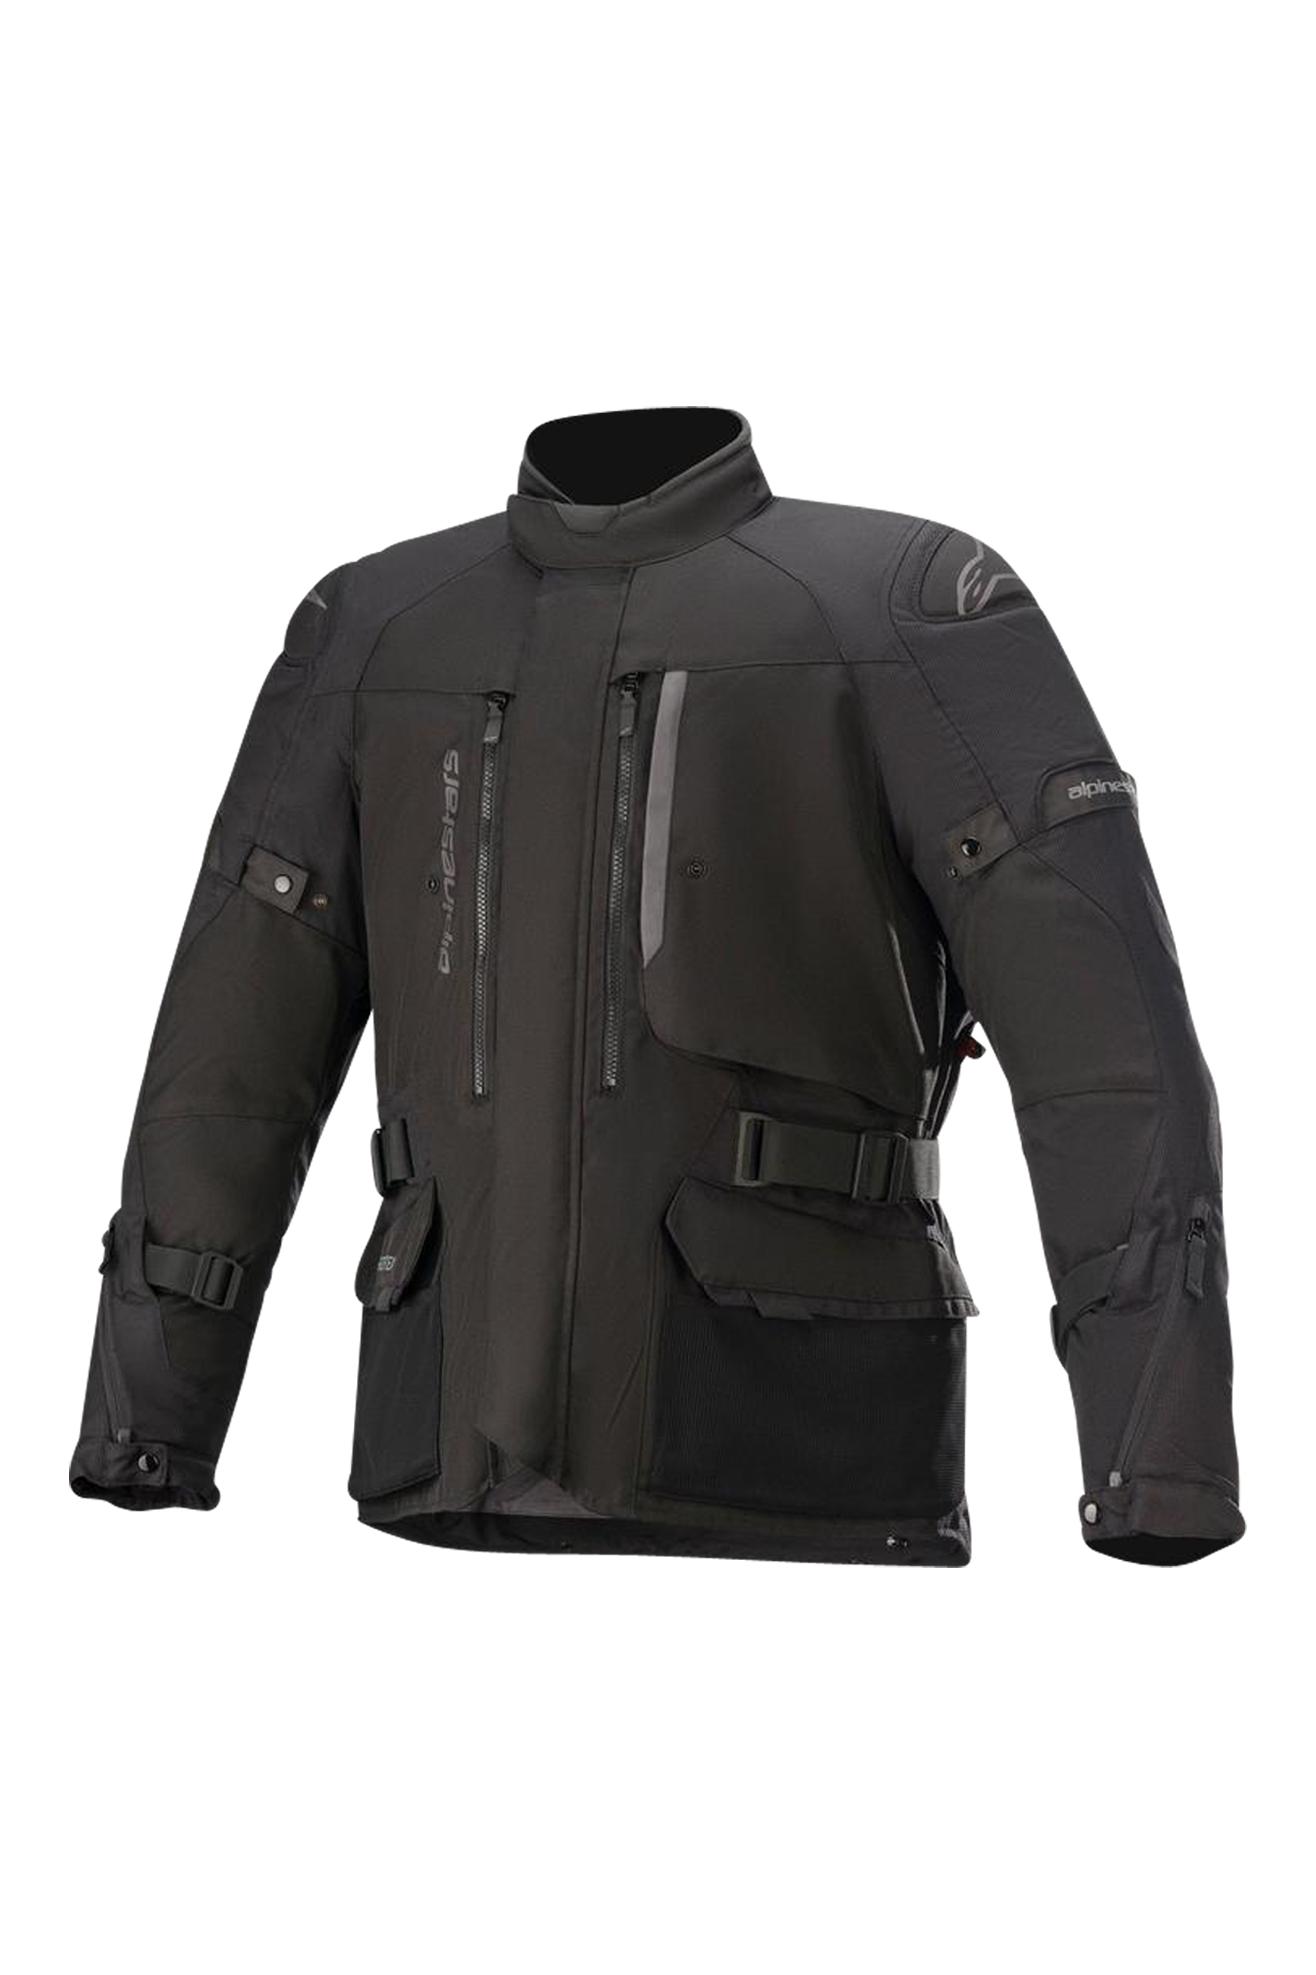 alpinestars giacca moto  ketchum gore-tex nera